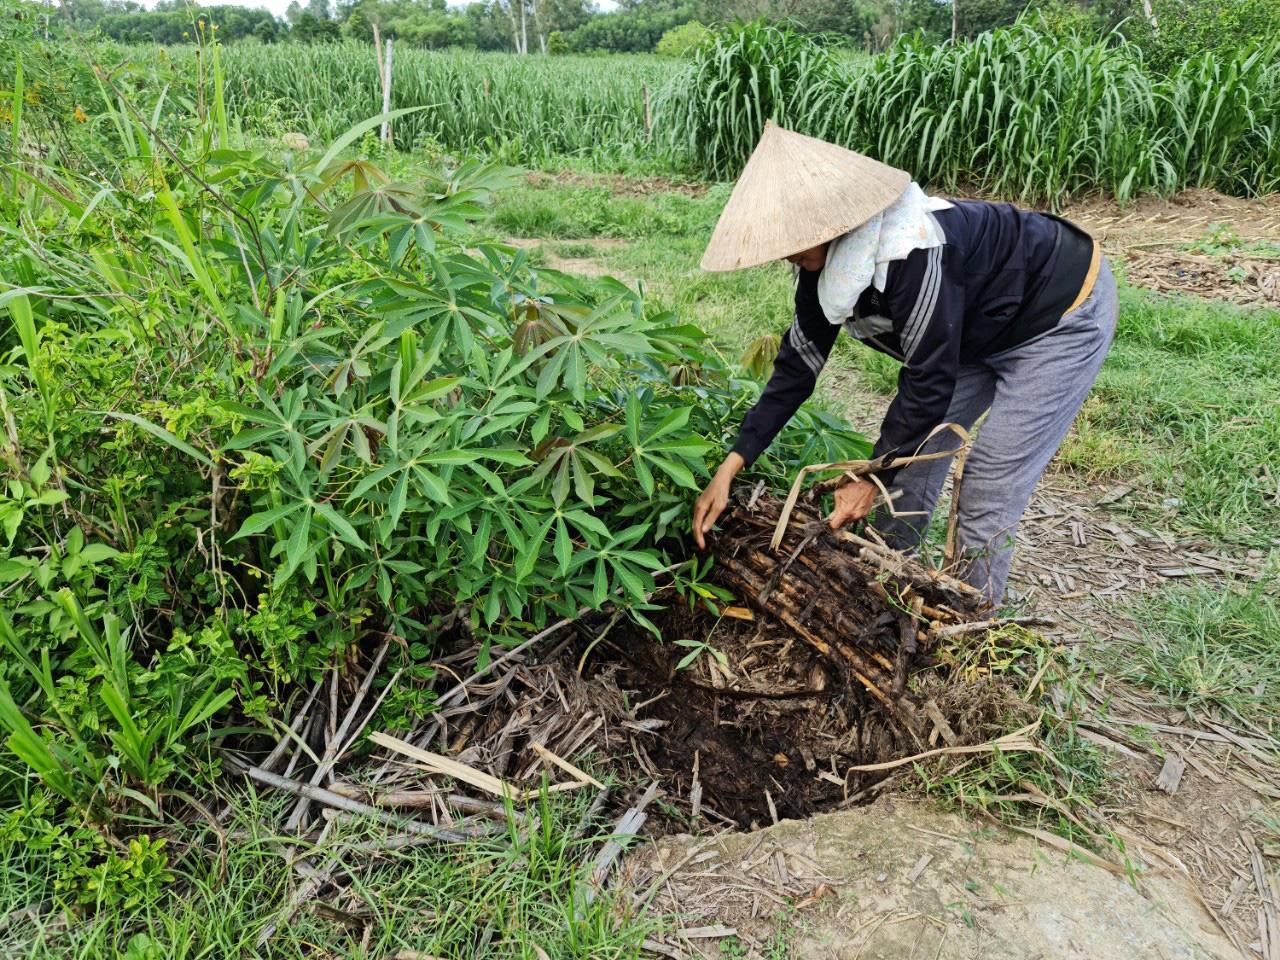 Quảng Nam: Kênh thủy lợi hàng trăm triệu đồng chỉ để chứa rác, trồng cỏ cho bò - Ảnh 3.